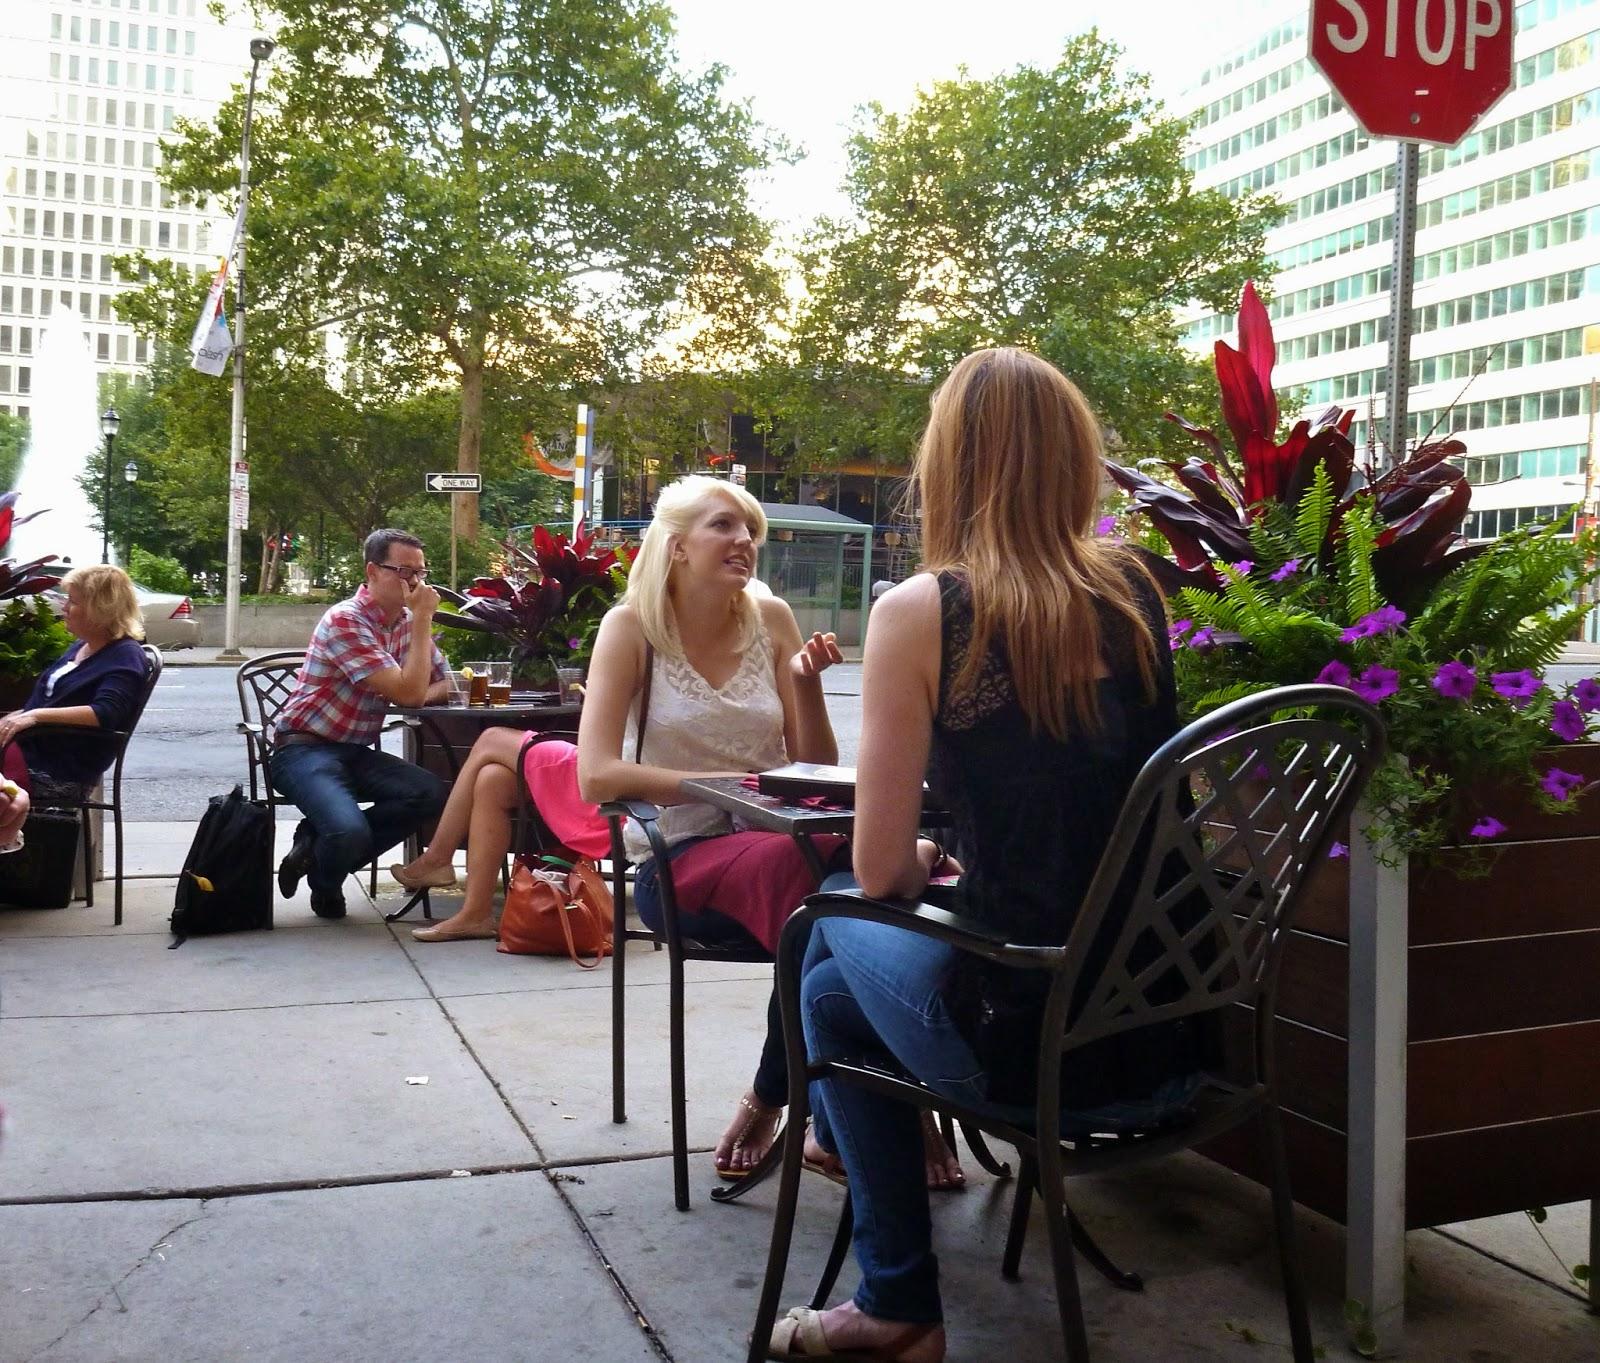 People dining outside in Philadelphia.